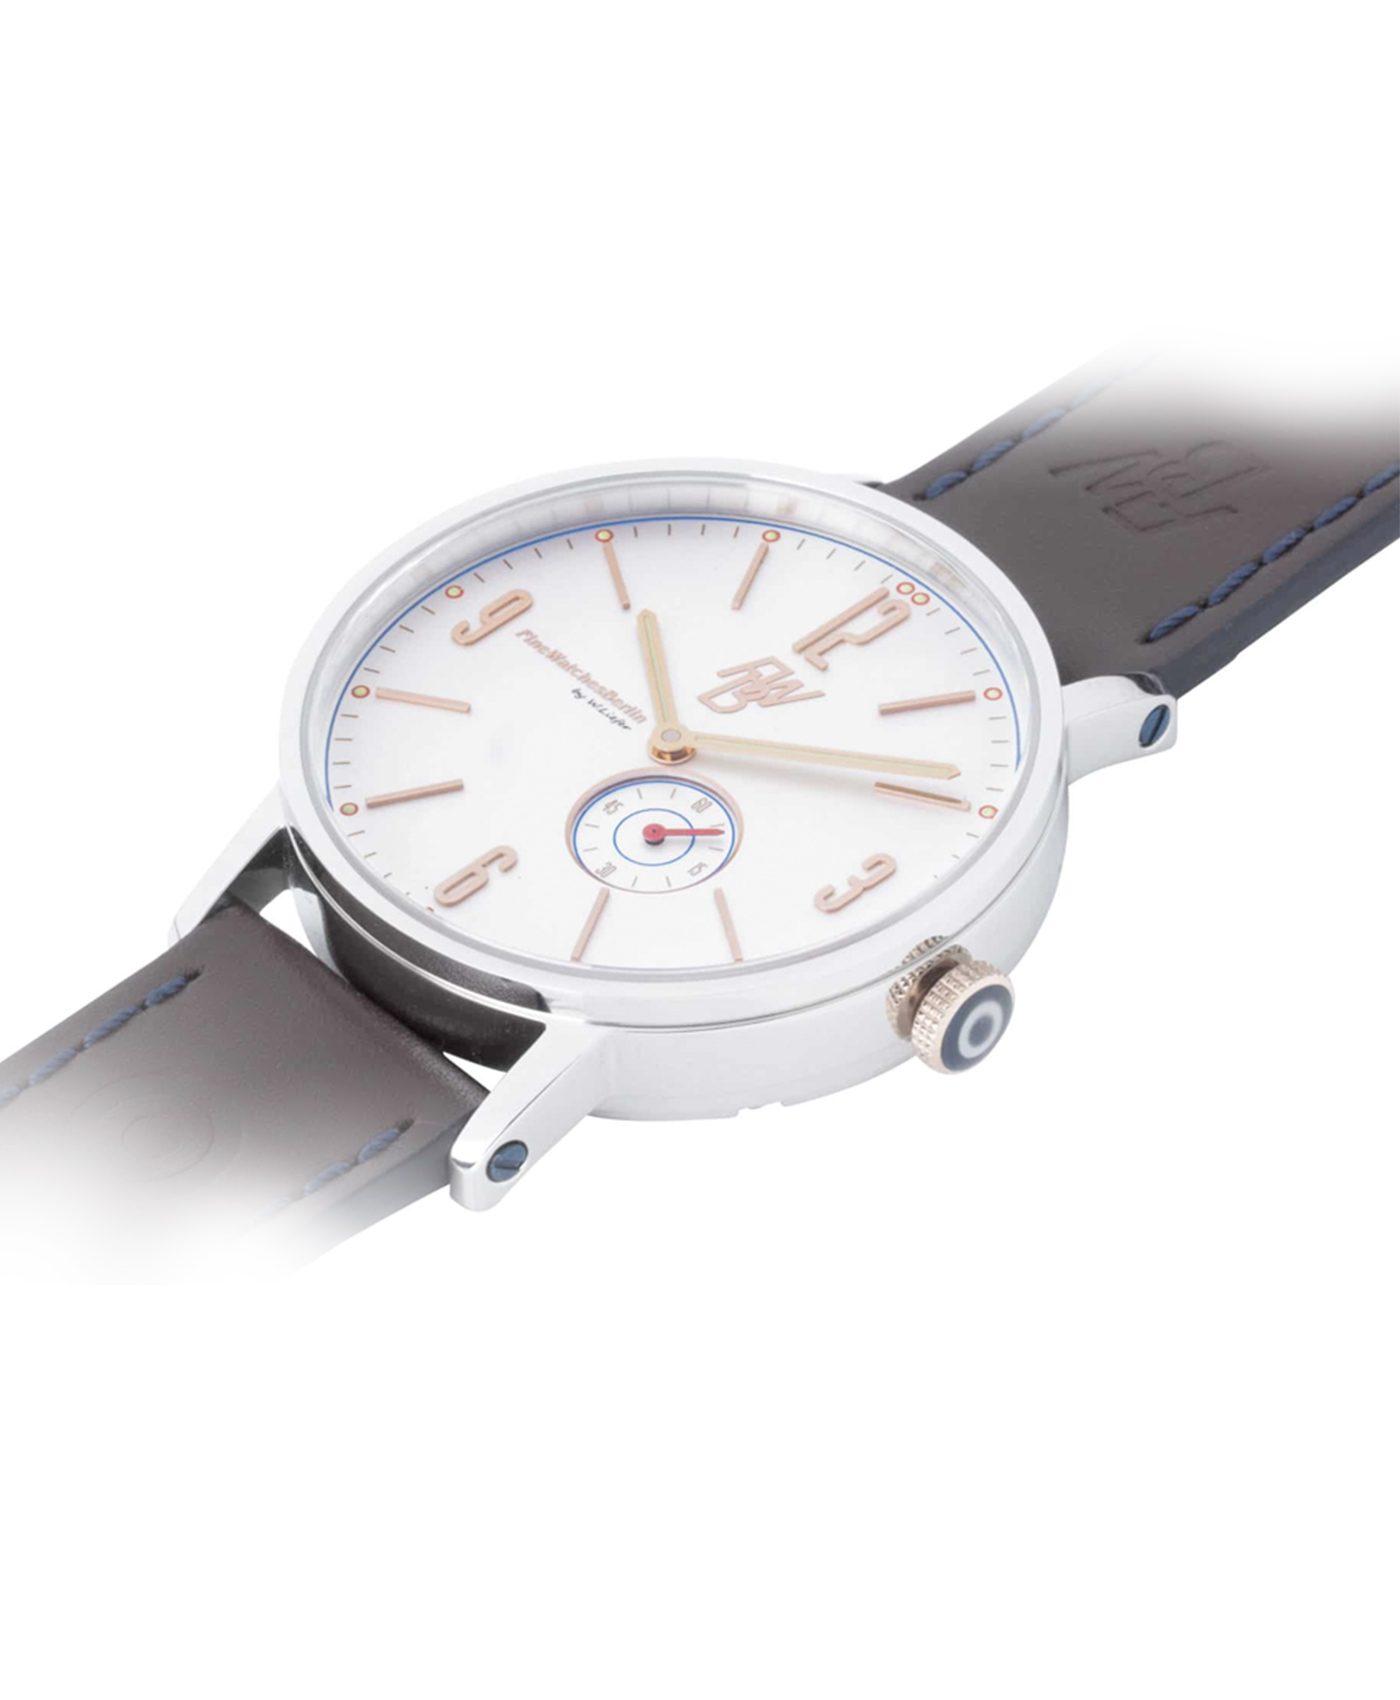 WB Watch fine watches berlin TEUFELSBERG rose 4 side